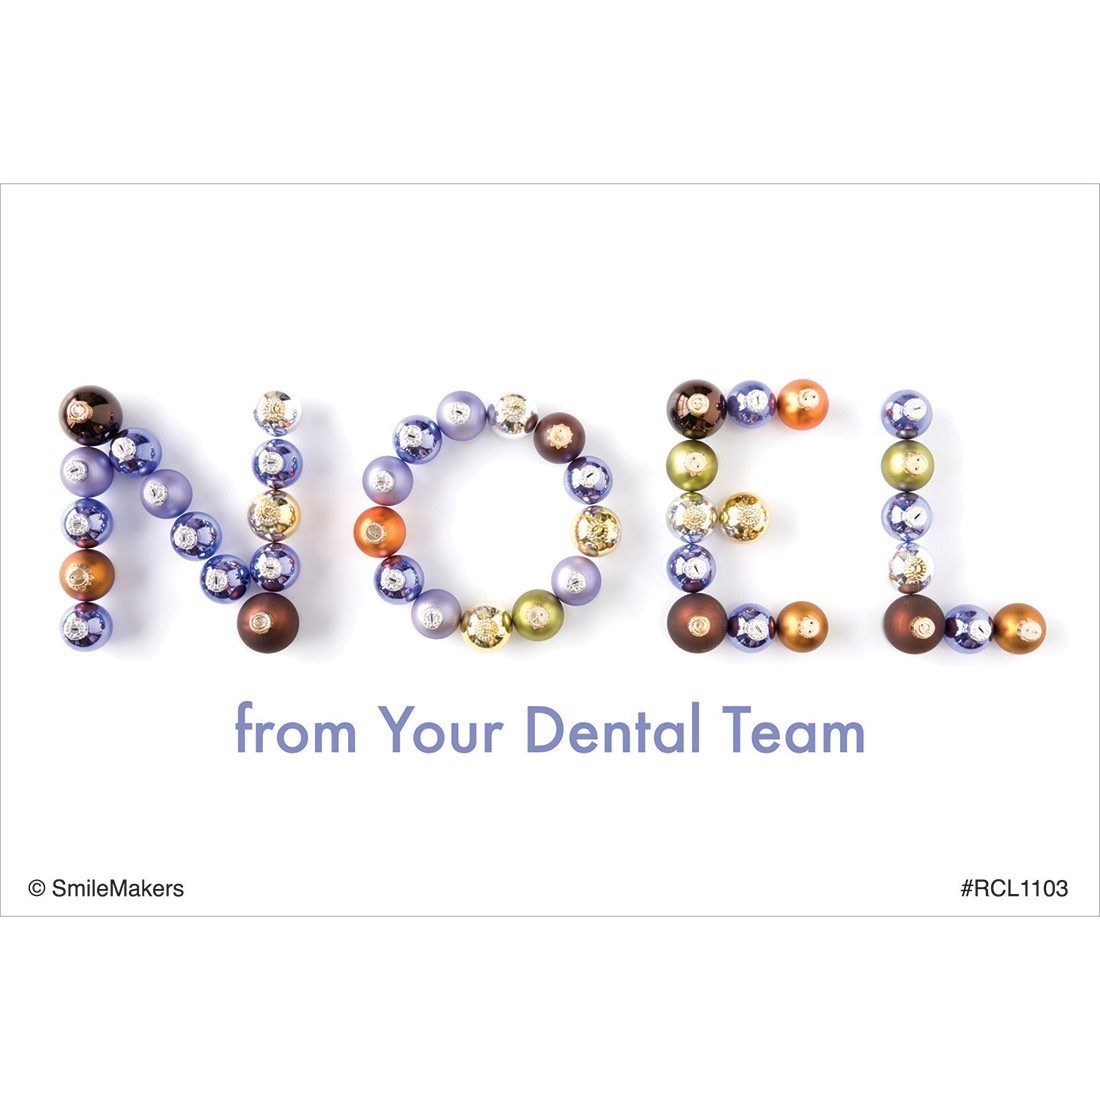 Noel Dental Team Recall Cards [image]